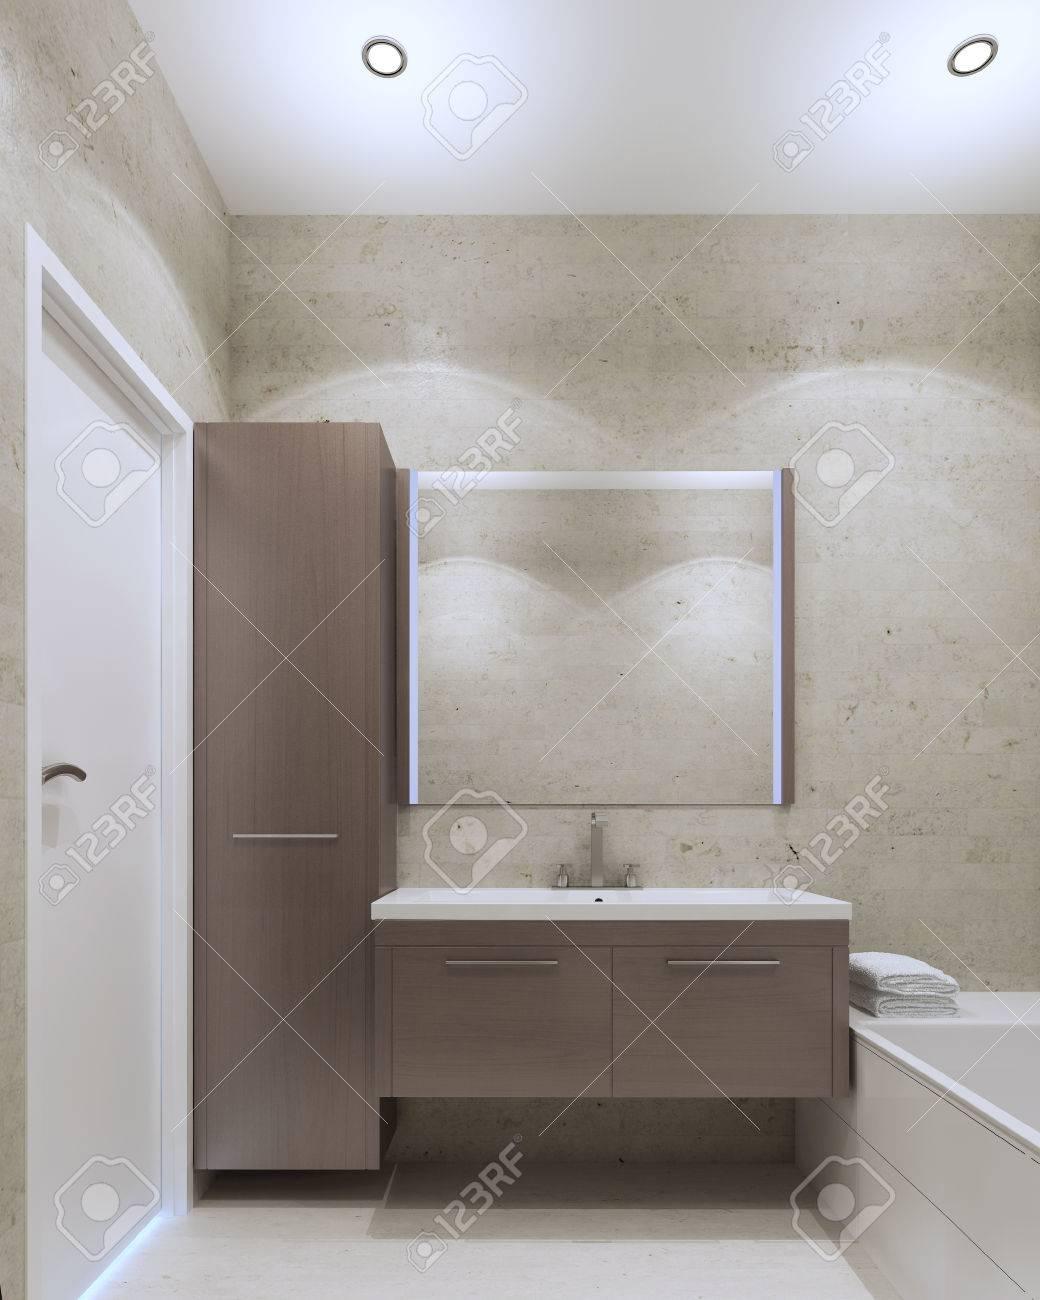 Interior Minimalista Cuarto De Baño Privado Con Yeso Textura Pared ...